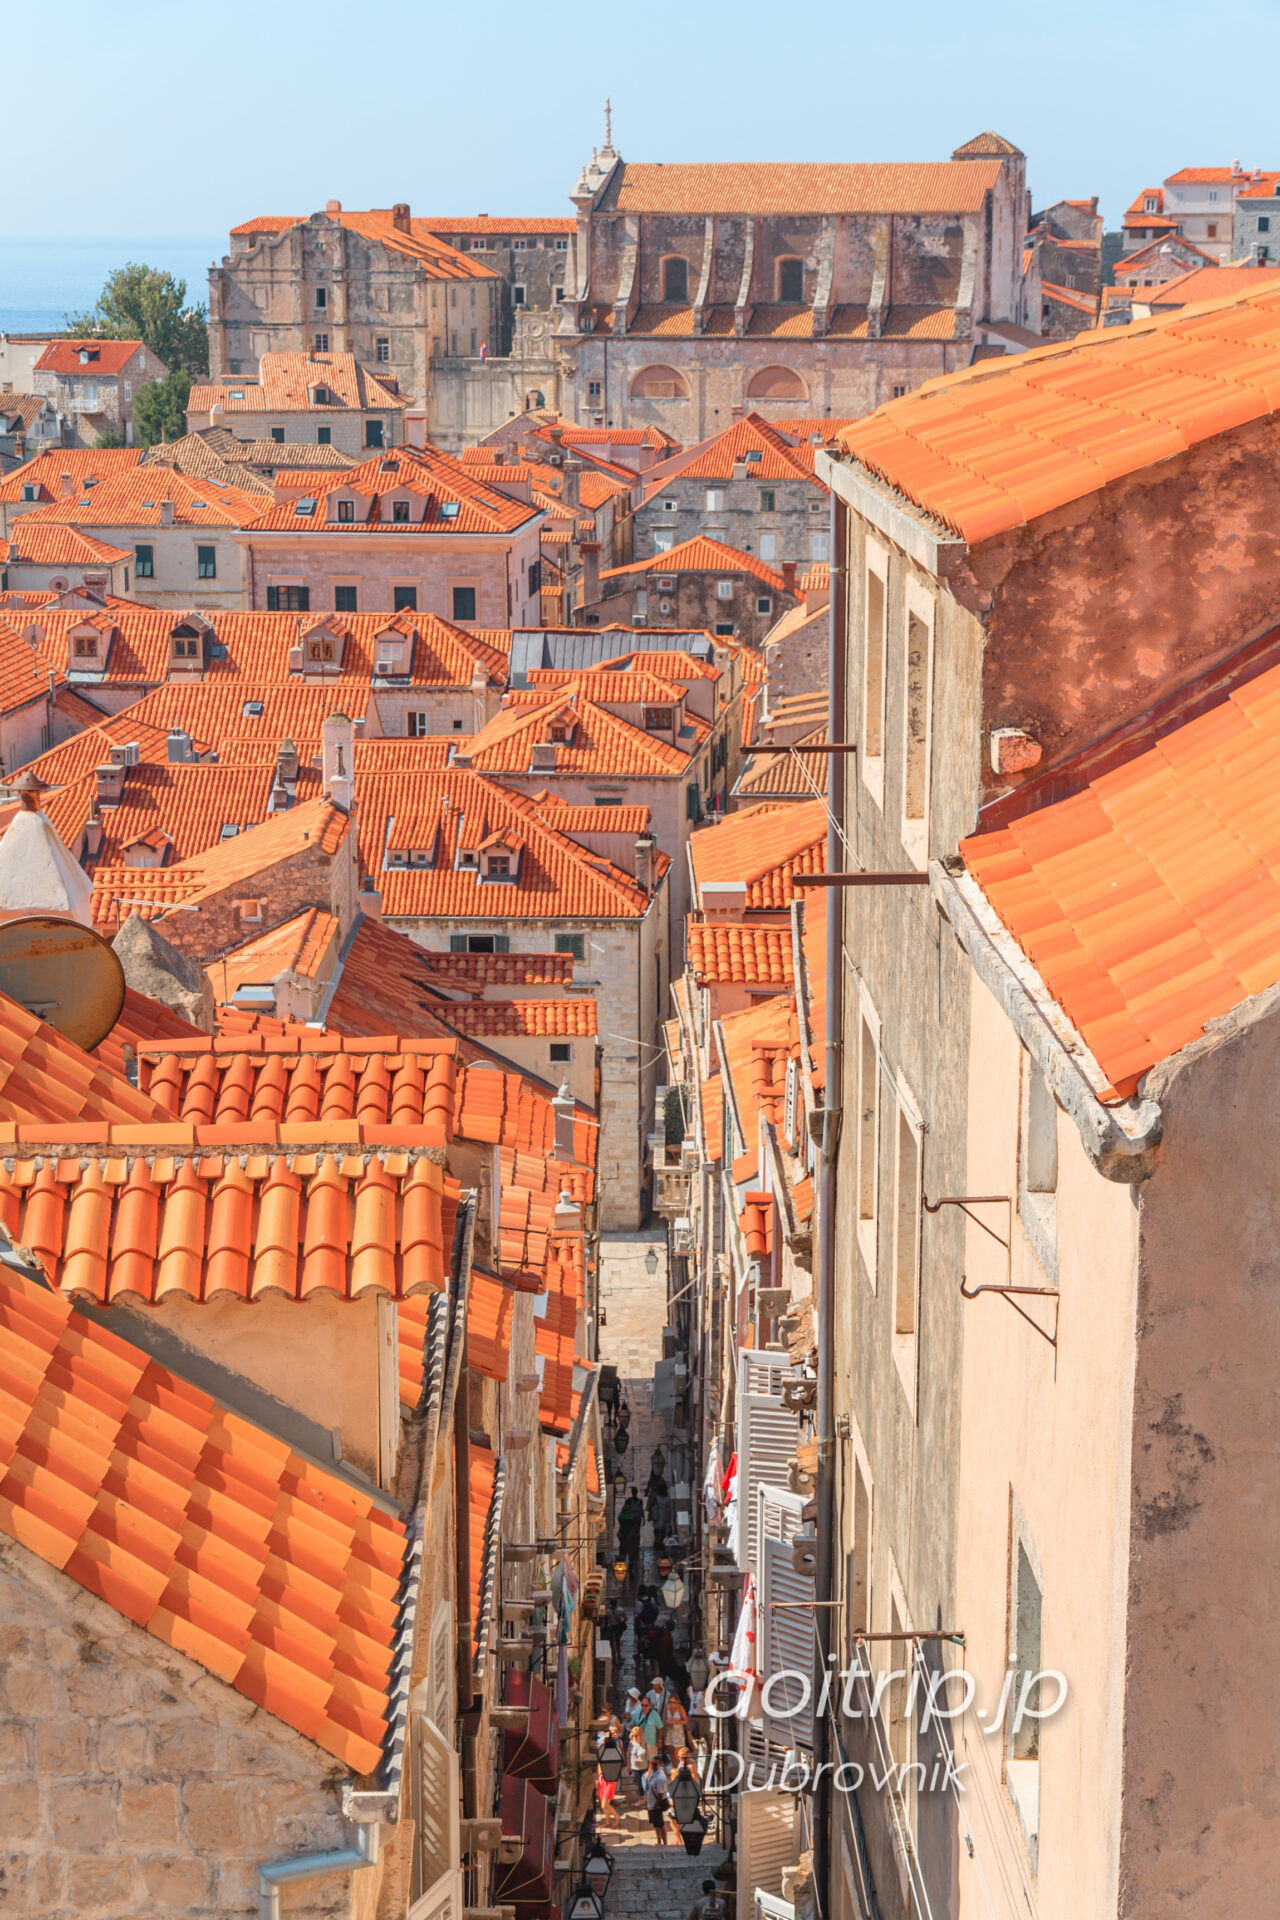 ドゥブロヴニクの城壁 風景写真